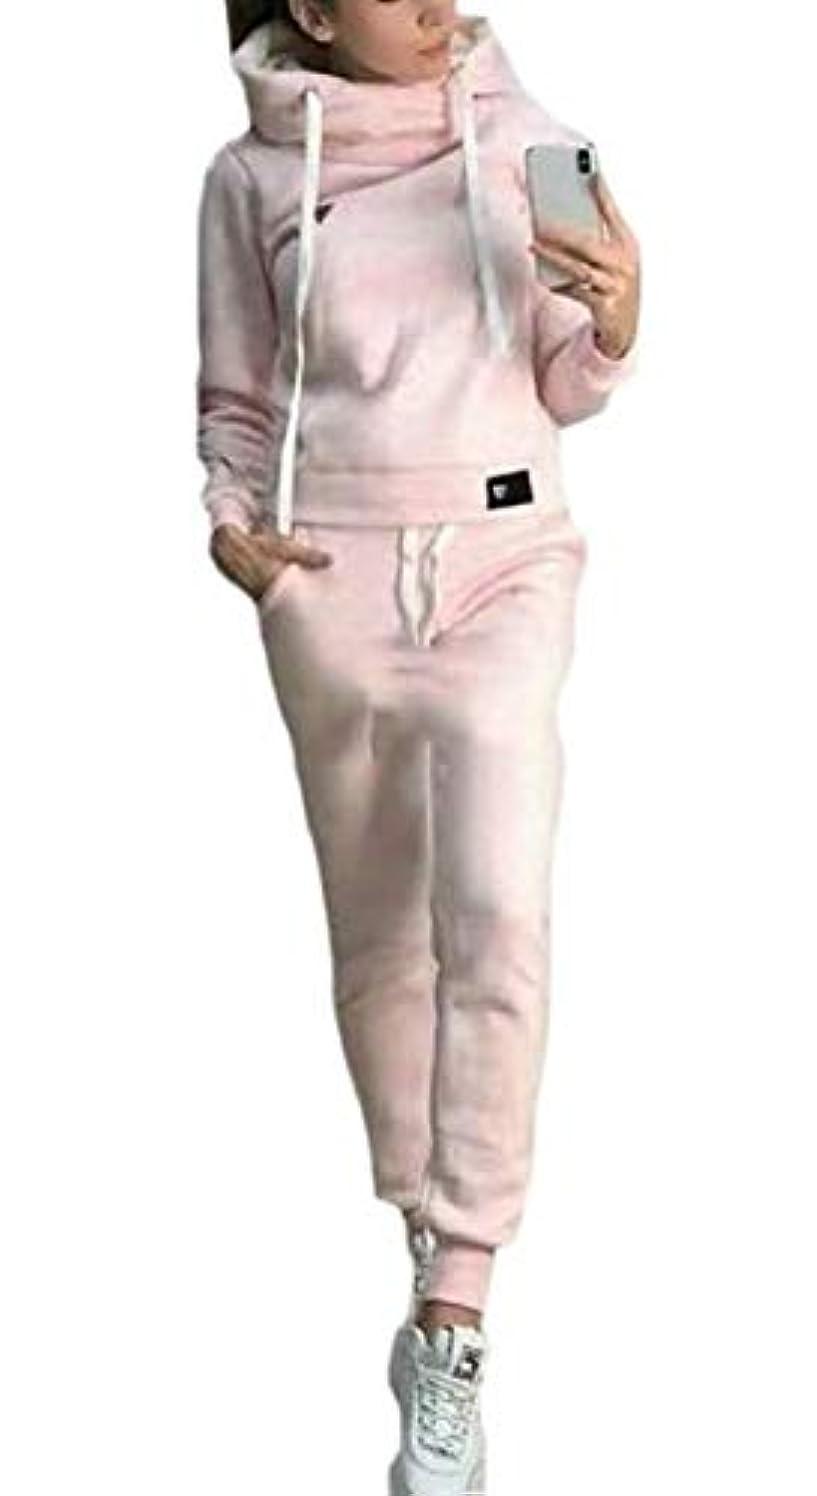 線形電圧失望させるKeaac レディース2ピース衣装スウェットシャツトップとパンツトラックスーツセットスポーツウェア Black US XXXX-Large